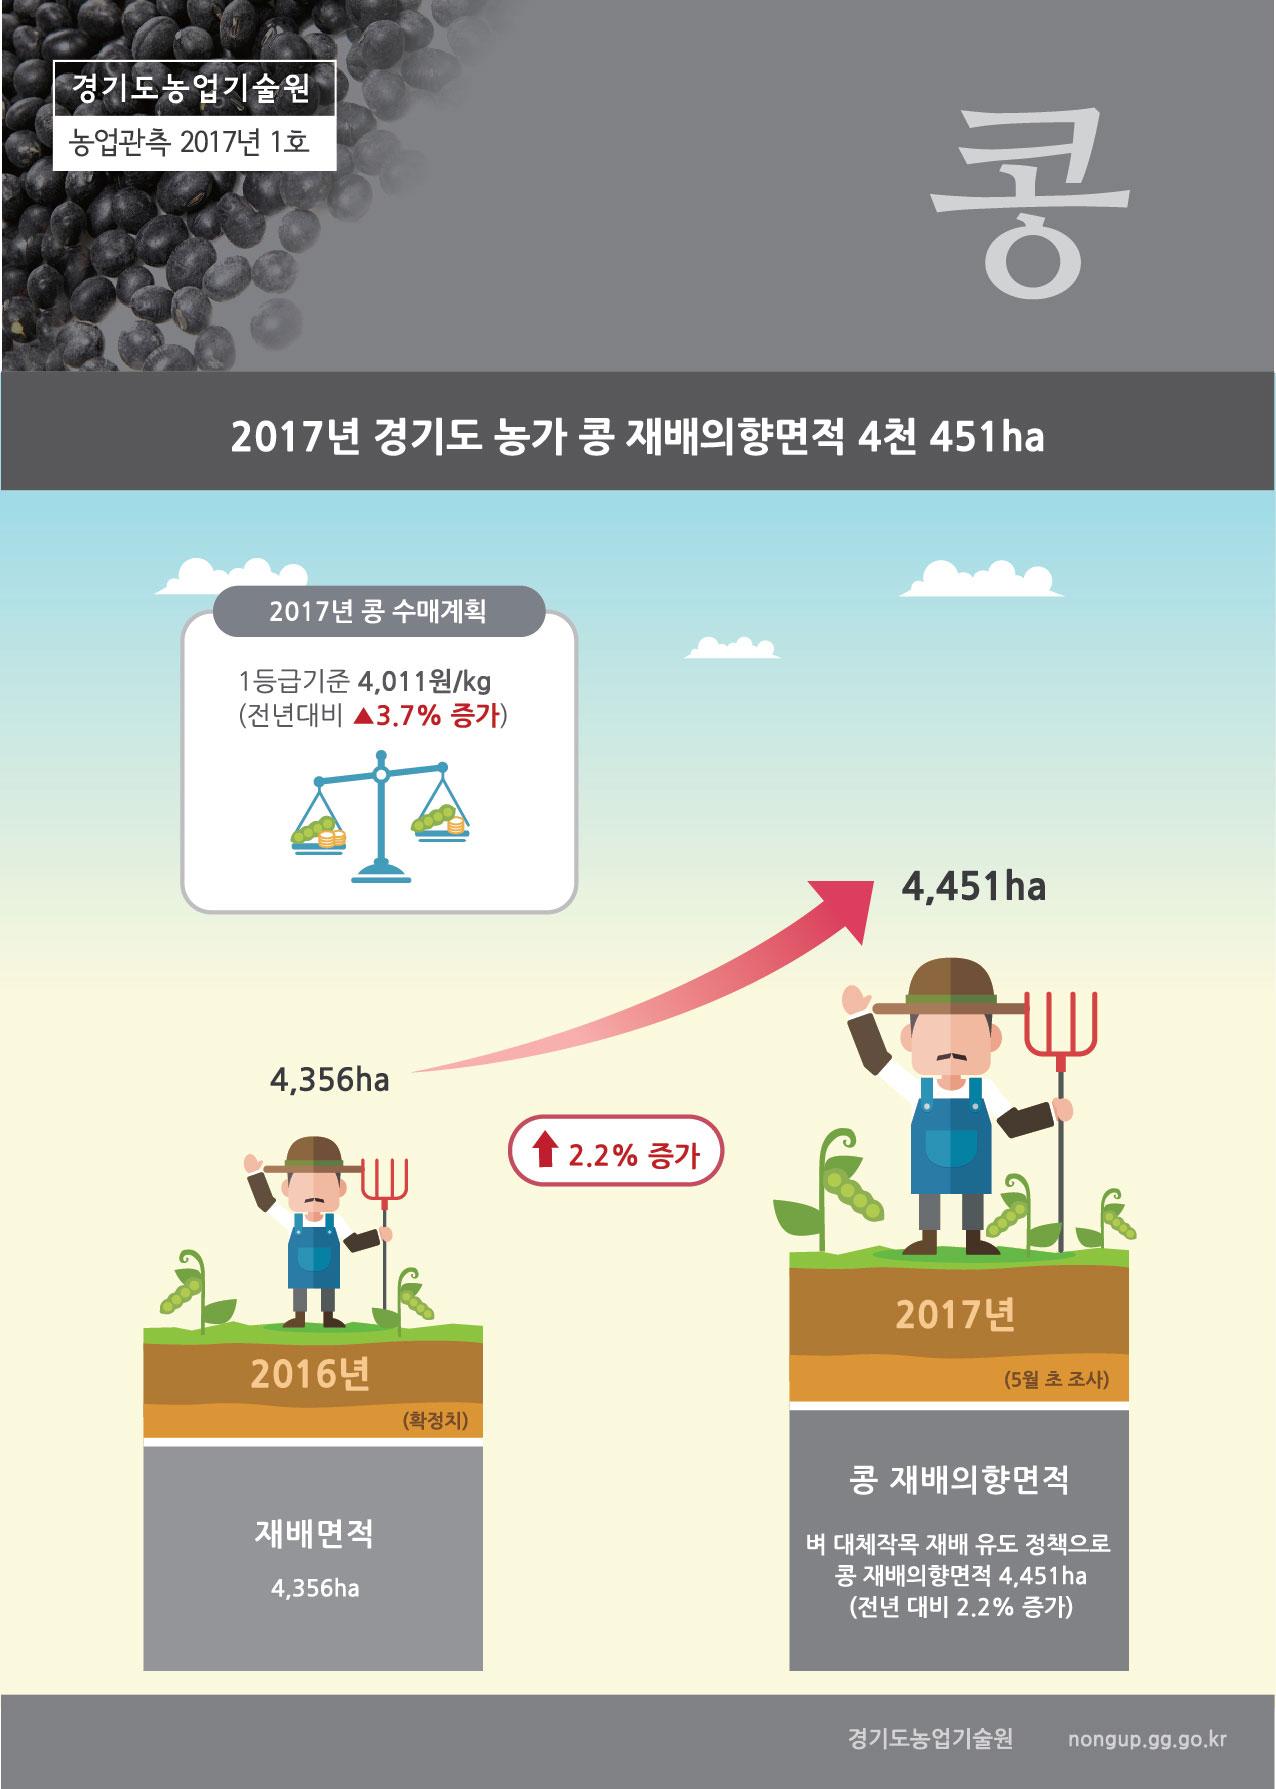 경기콩관측정보